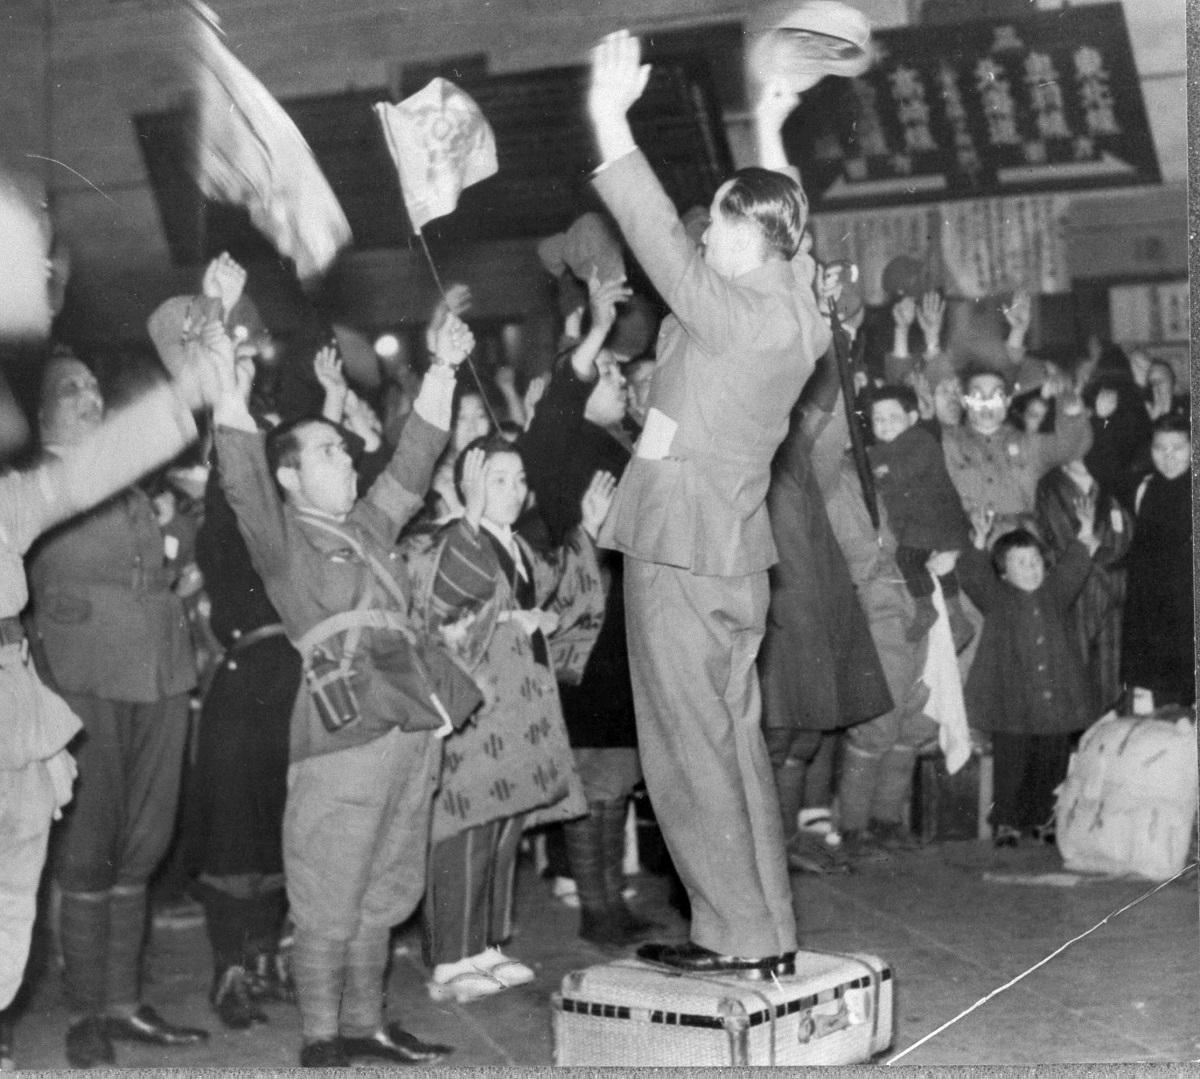 満州に向かう開拓団の出発式=1944年4月、国鉄・上野駅